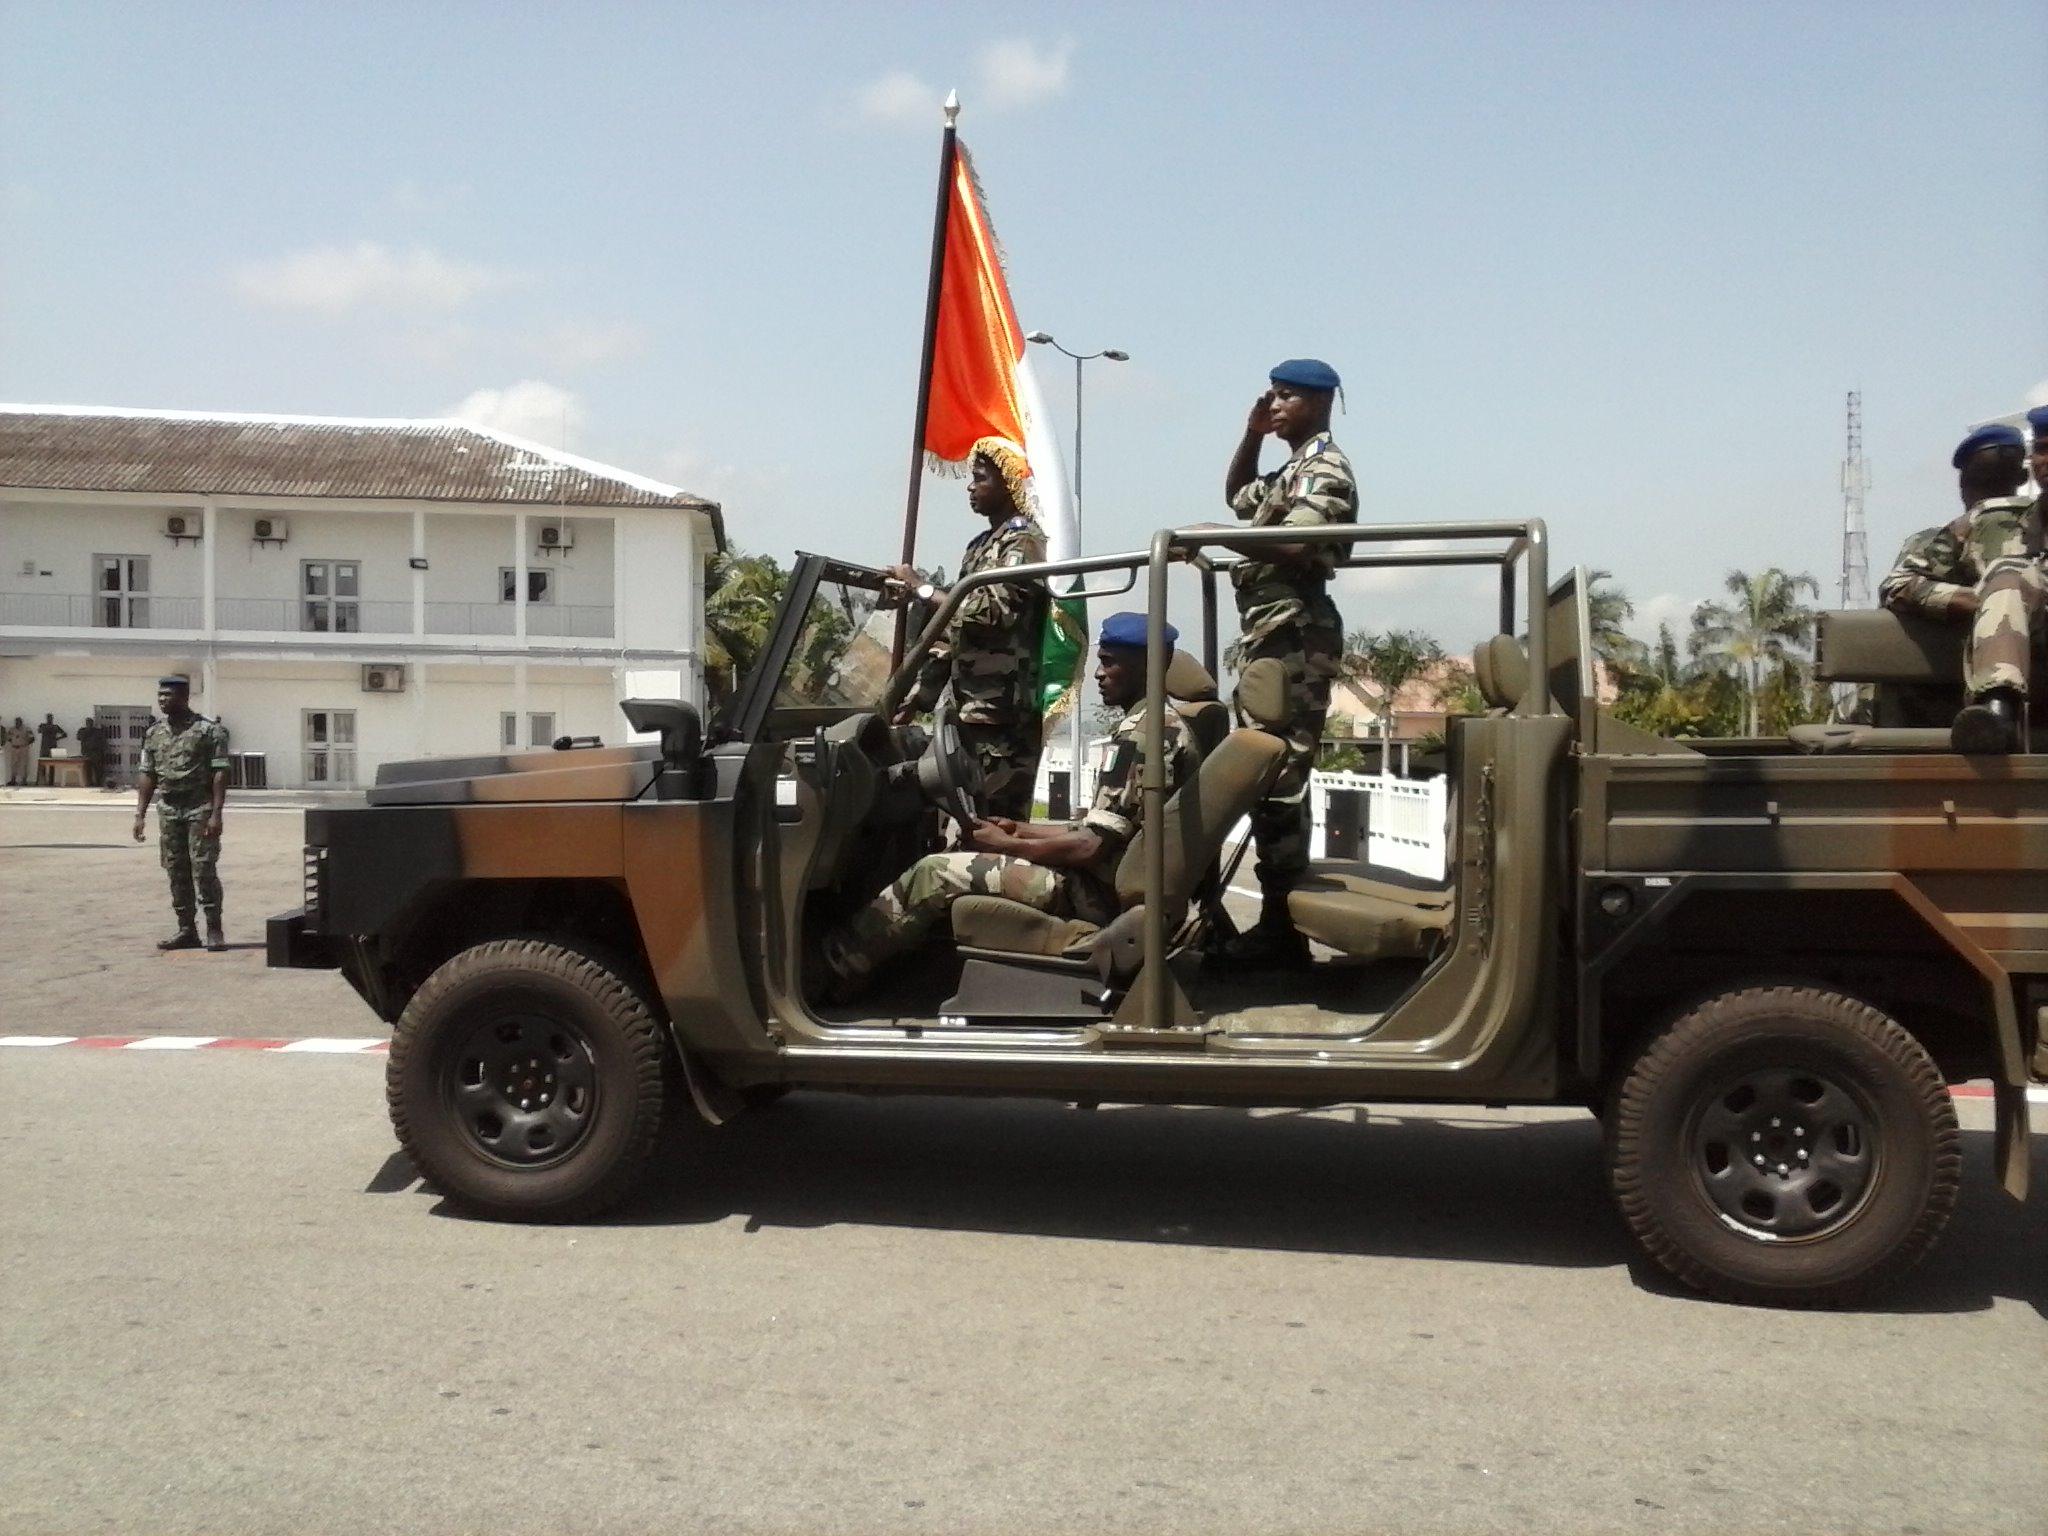 Le public a eu droit à une parade militaire. crédit photo: FBI